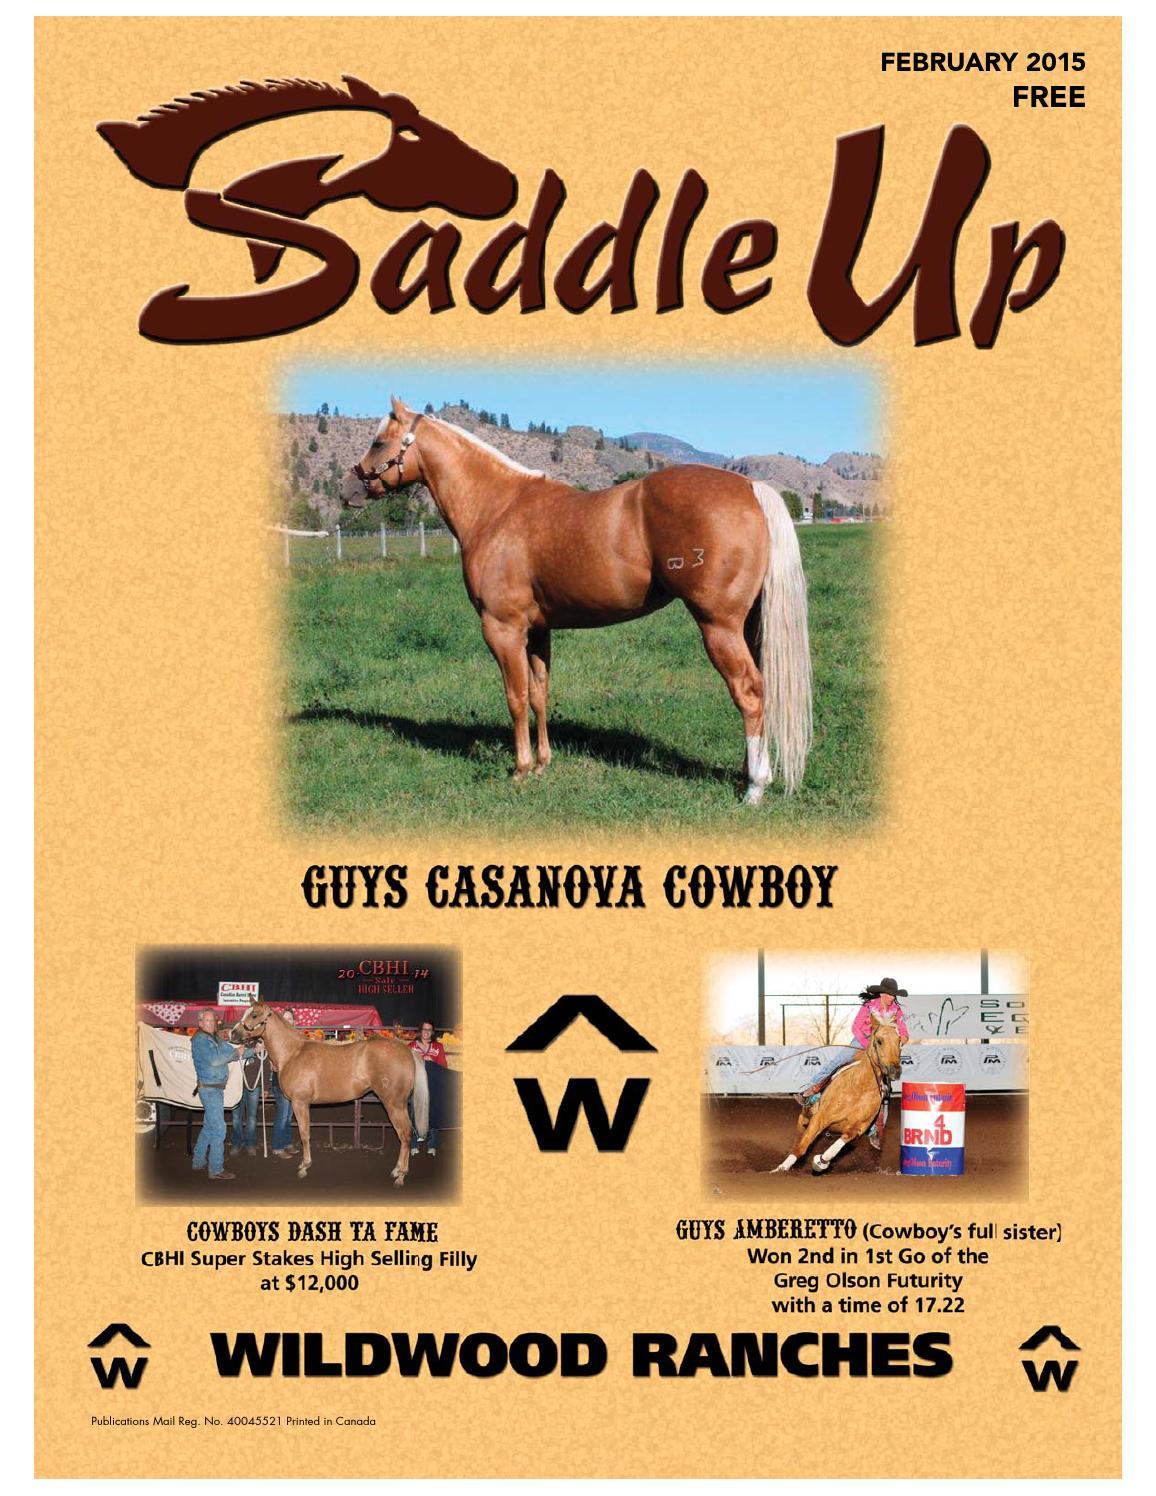 Saddle Up Feb 2015 by Saddle Up magazine - issuu 9e0da2f978